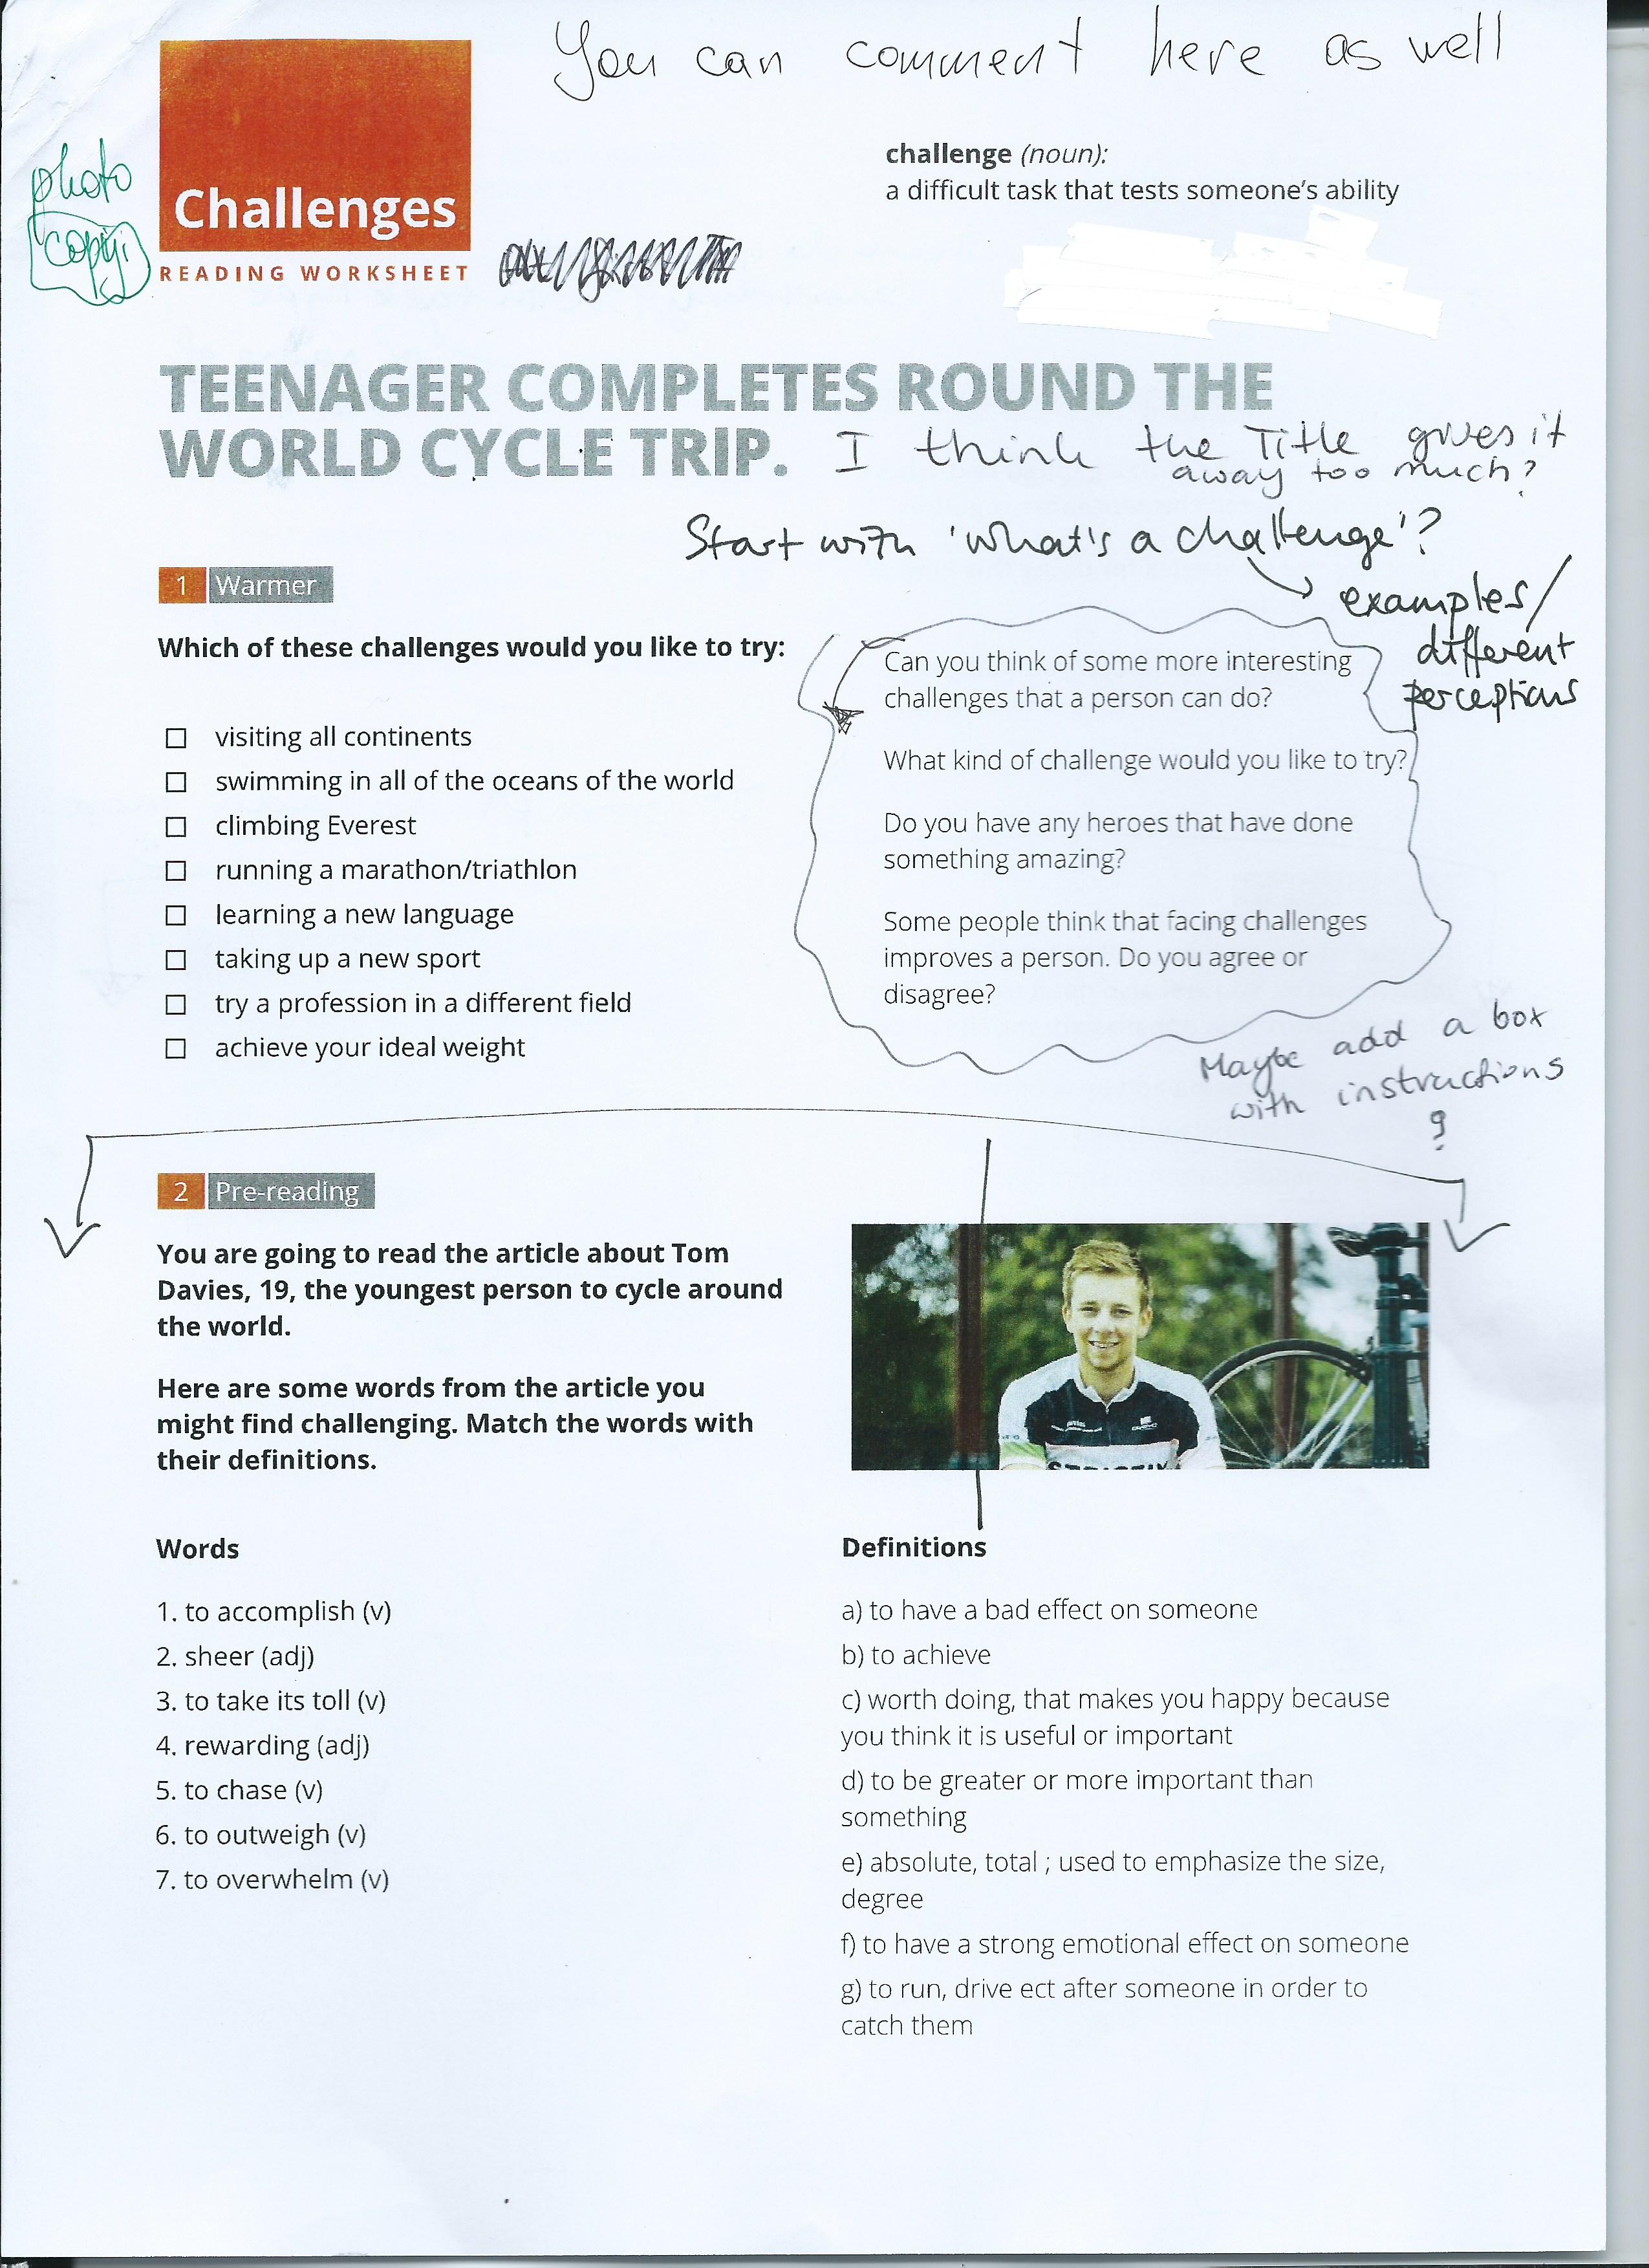 Designing A Worksheet Part 2